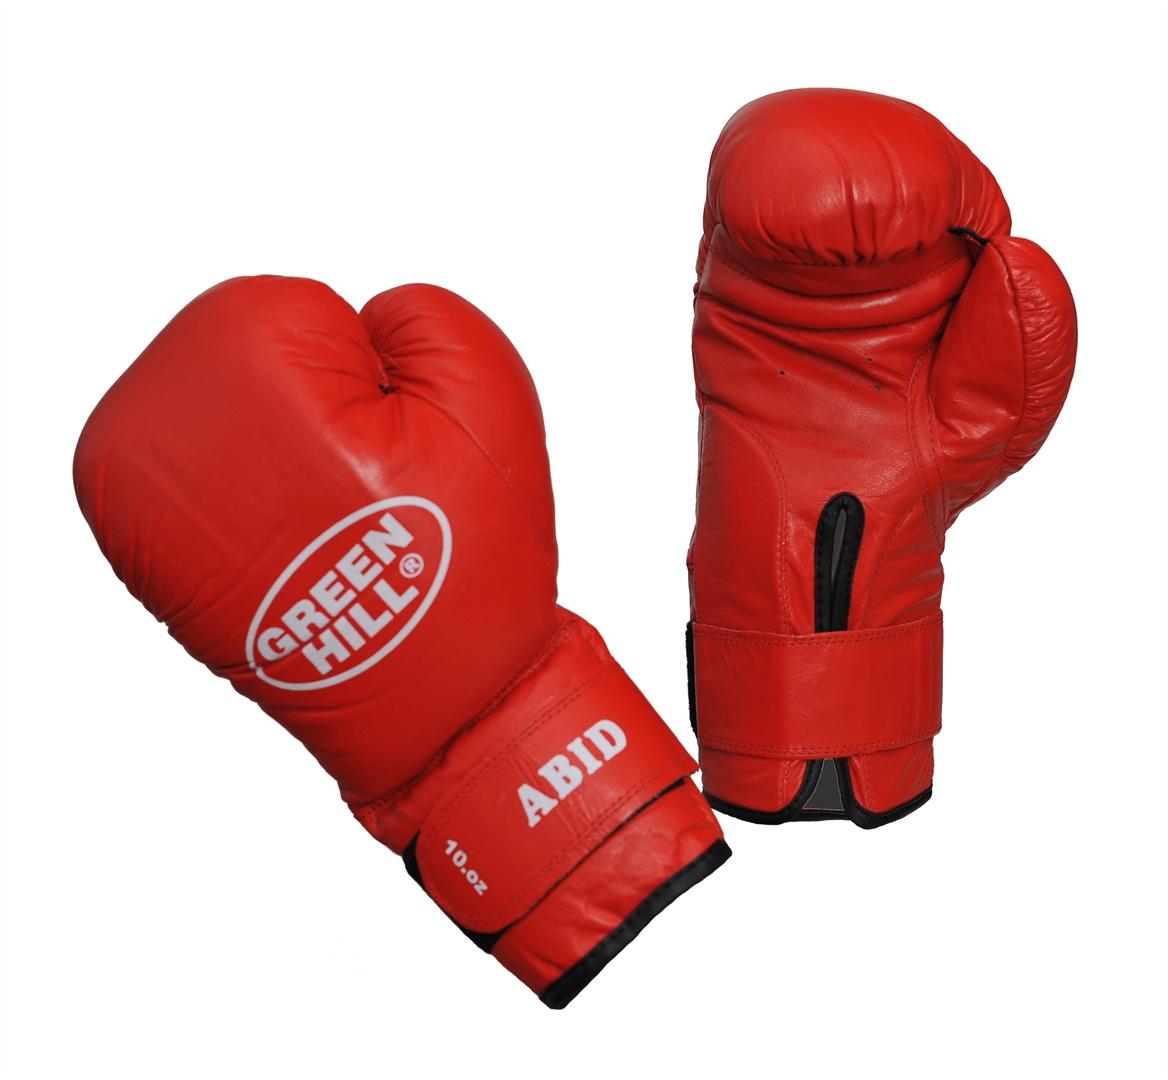 Перчатки боксерские Green Hill Abid, цвет: красный. Вес 10 унцийBGA-2024Боксерские тренировочные перчатки Green Hill Abid отлично подойдут для начинающих спортсменов. Верх выполнен из натуральной кожи. Мягкий наполнитель из очеса предотвращает любые травмы. Широкий ремень, охватывая запястье, полностью оборачивается вокруг манжеты, благодаря чему создается дополнительная защита лучезапястного сустава от травмирования. Застежка на липучке способствует быстрому и удобному одеванию перчаток, плотно фиксирует перчатки на руке.